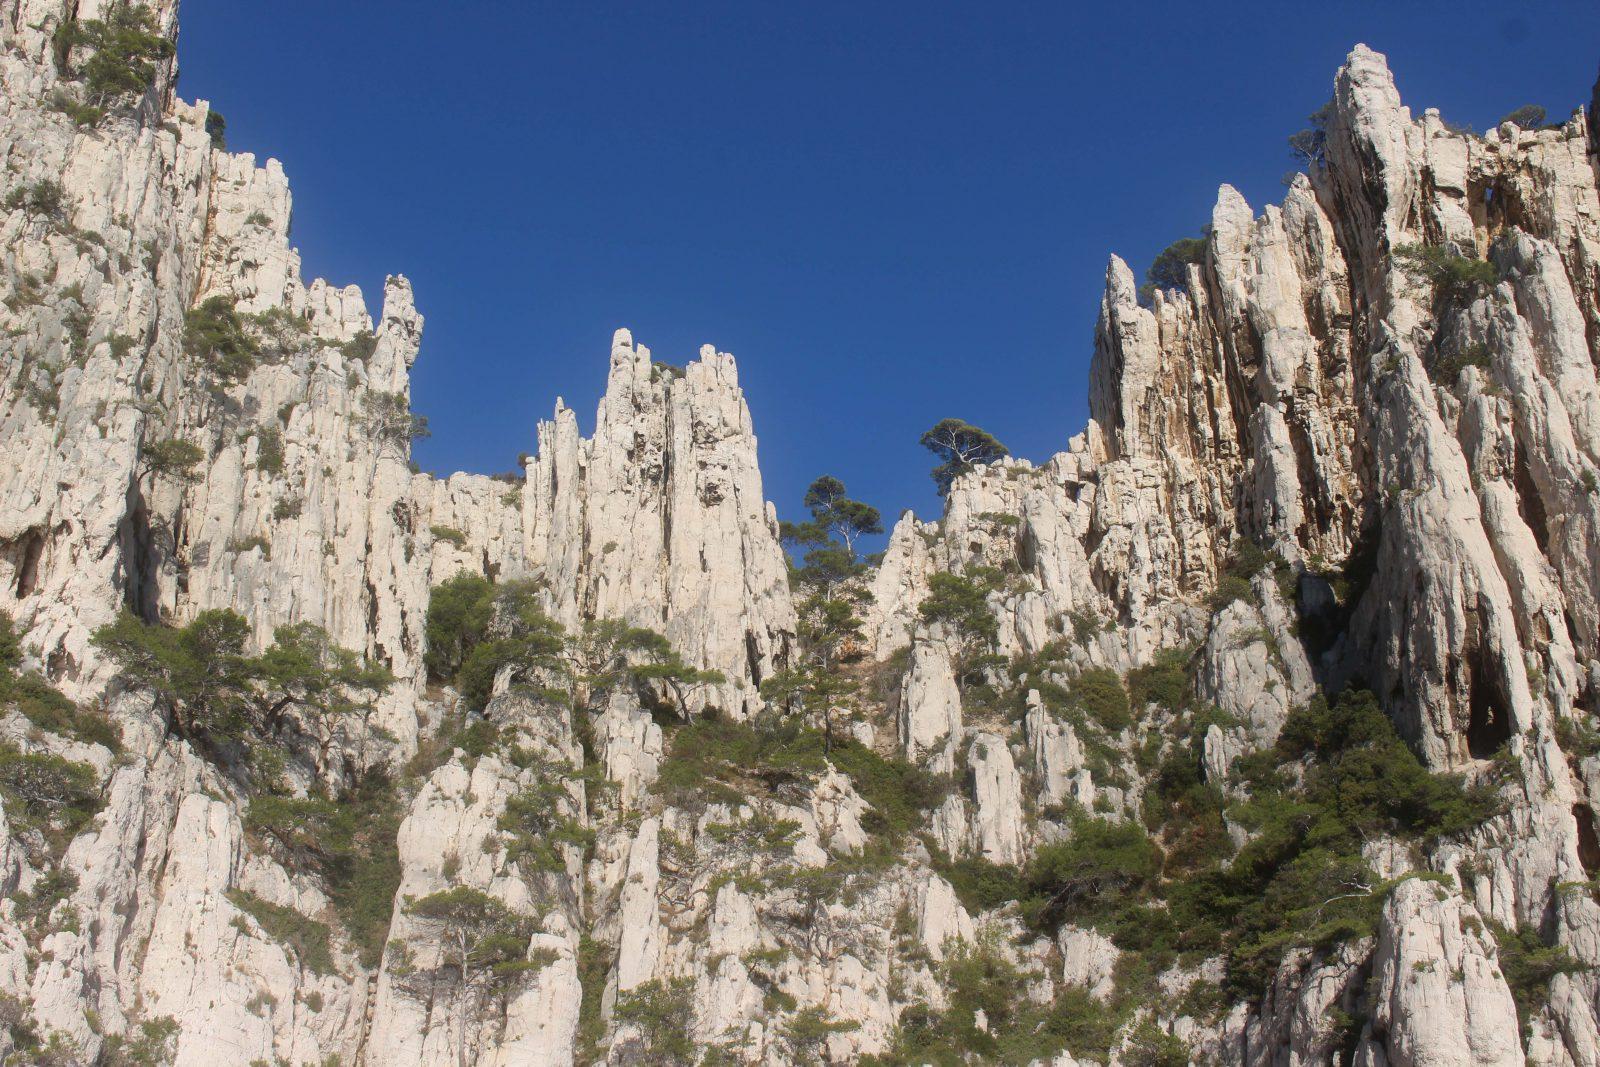 Les falaises en orgues des calanques de Cassis